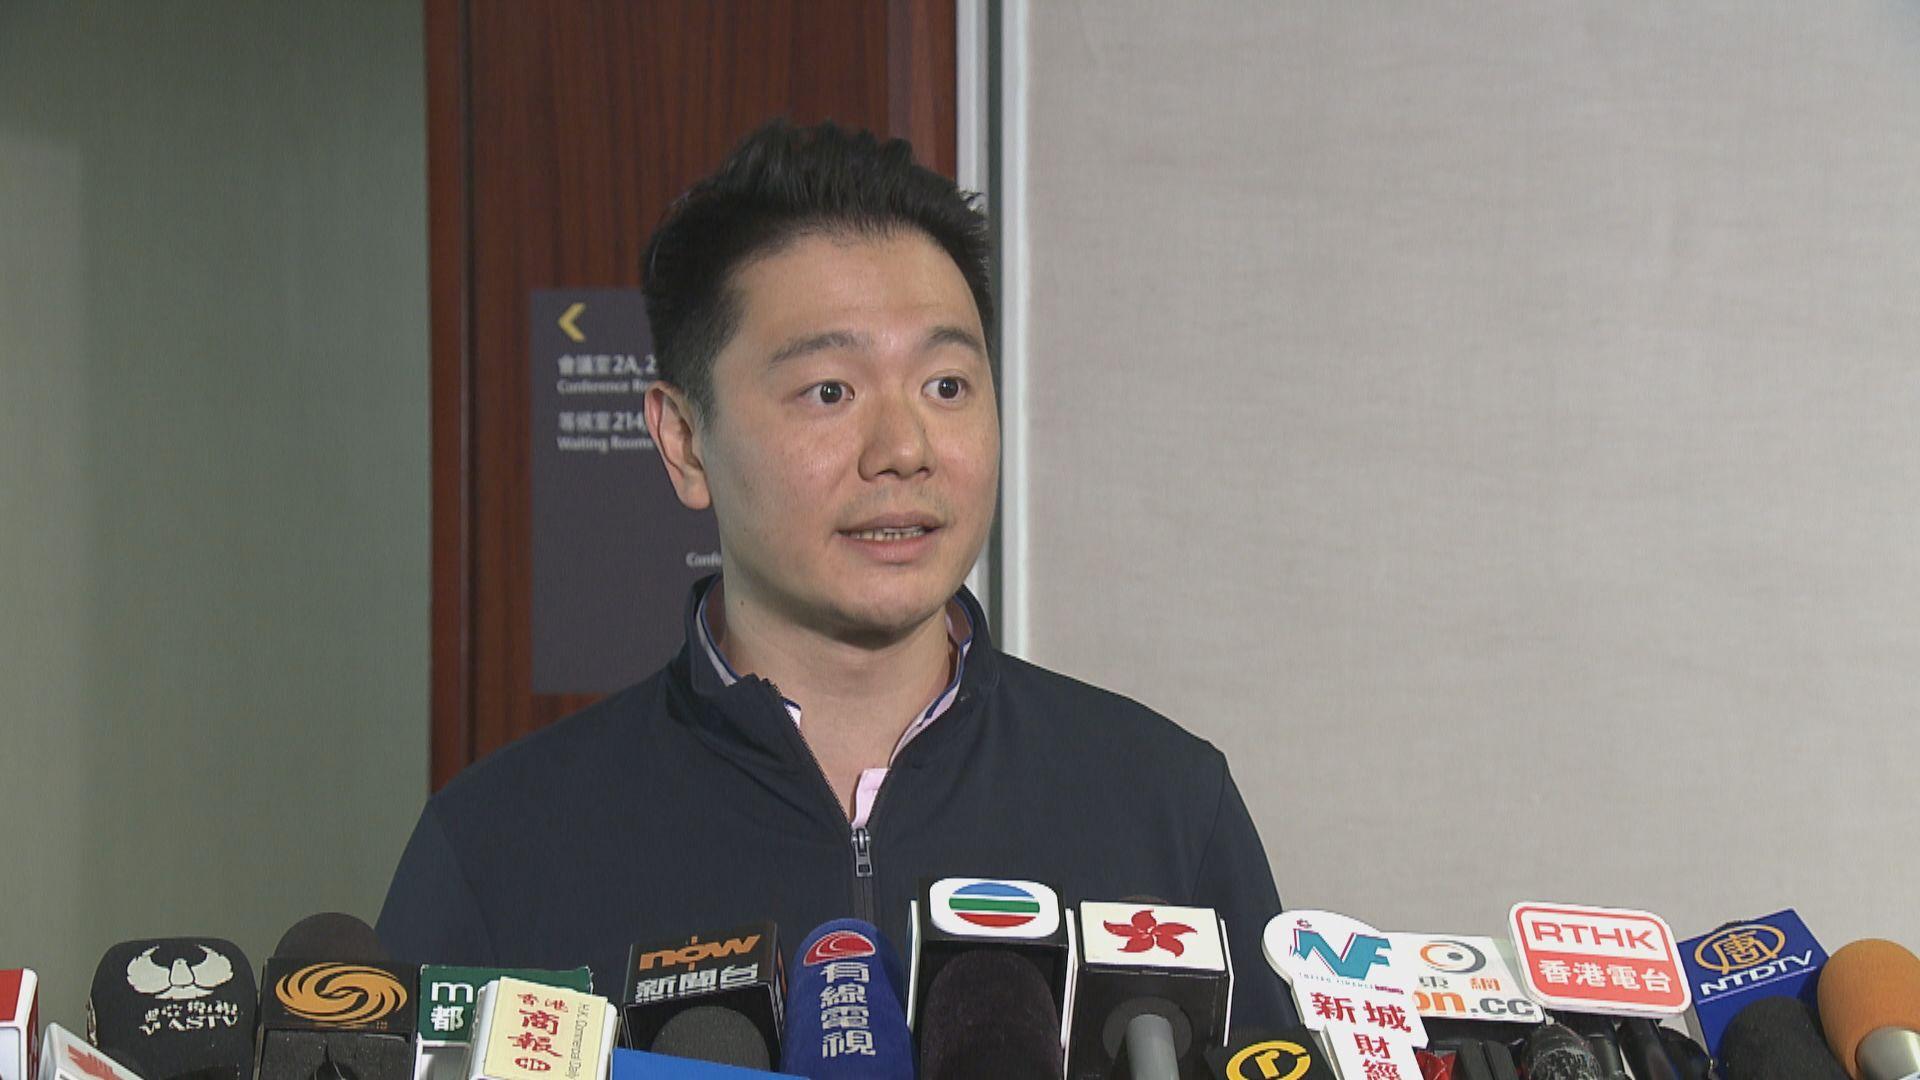 民建聯:修訂逃犯條例仍有迫切性